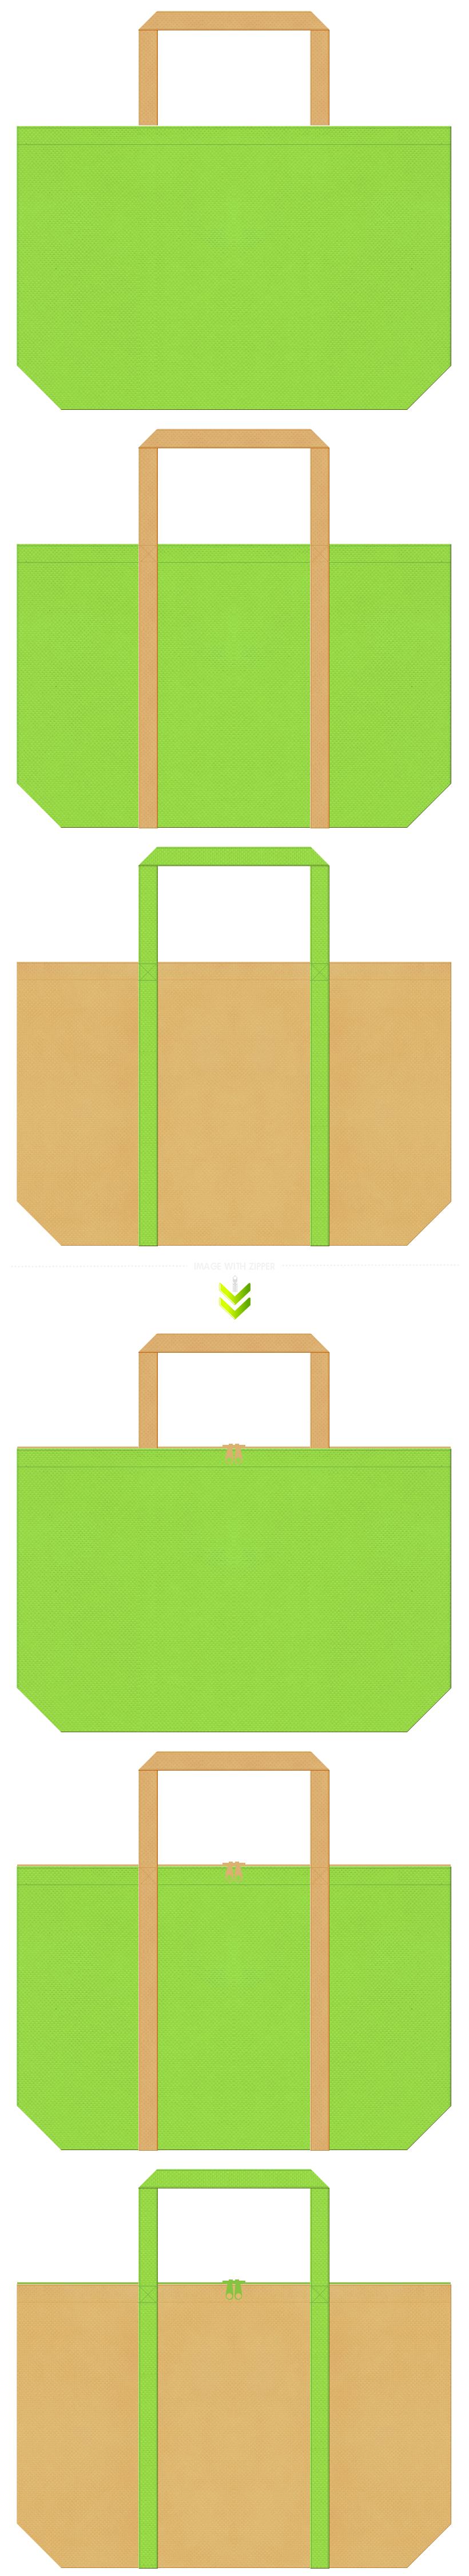 絵本・おとぎ話・木の看板・ロールプレイングゲーム・野菜・産直市場・園芸用品・DIY・農業・酪農・干草・牧場・乳製品・ランチバッグにお奨めの不織布バッグデザイン:黄緑色と薄黄土色のコーデ